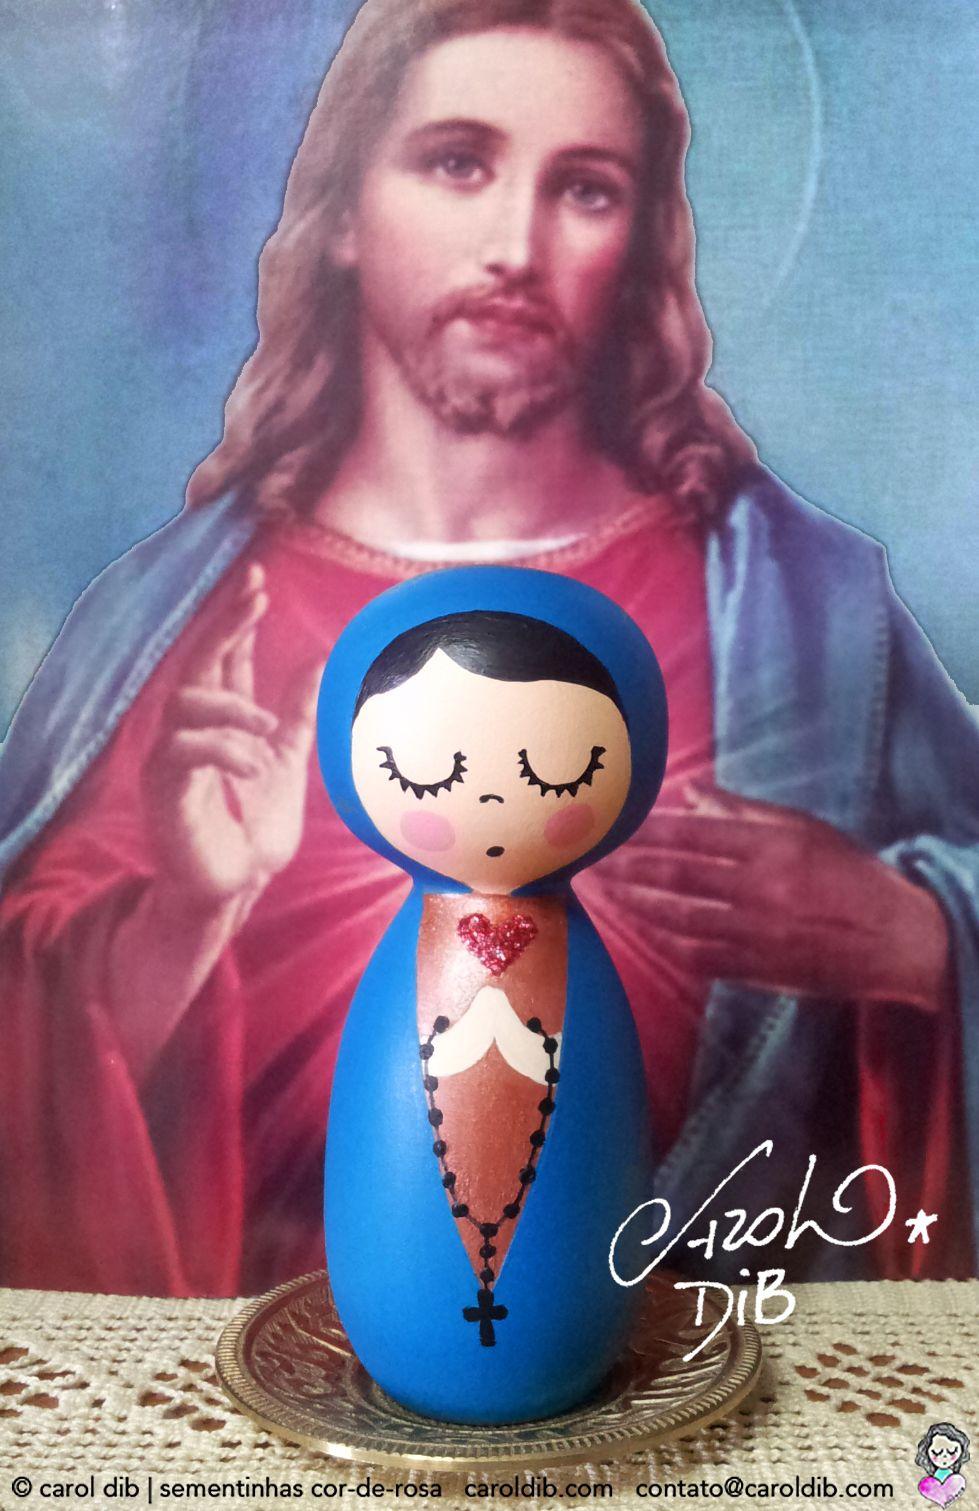 Maria e seu filho Jesus! Nossa Senhora passa na frente e abre os caminhos <3 Encomende sua Nossa Senhora bonequinha de madeira: contato@caroldib.com. Acompanhe nosso trabalho de #amorilustrado #porondeflor no Facebook/Sementinhascorderosa e no Instagram @caroldib_sementinhascorderosa.